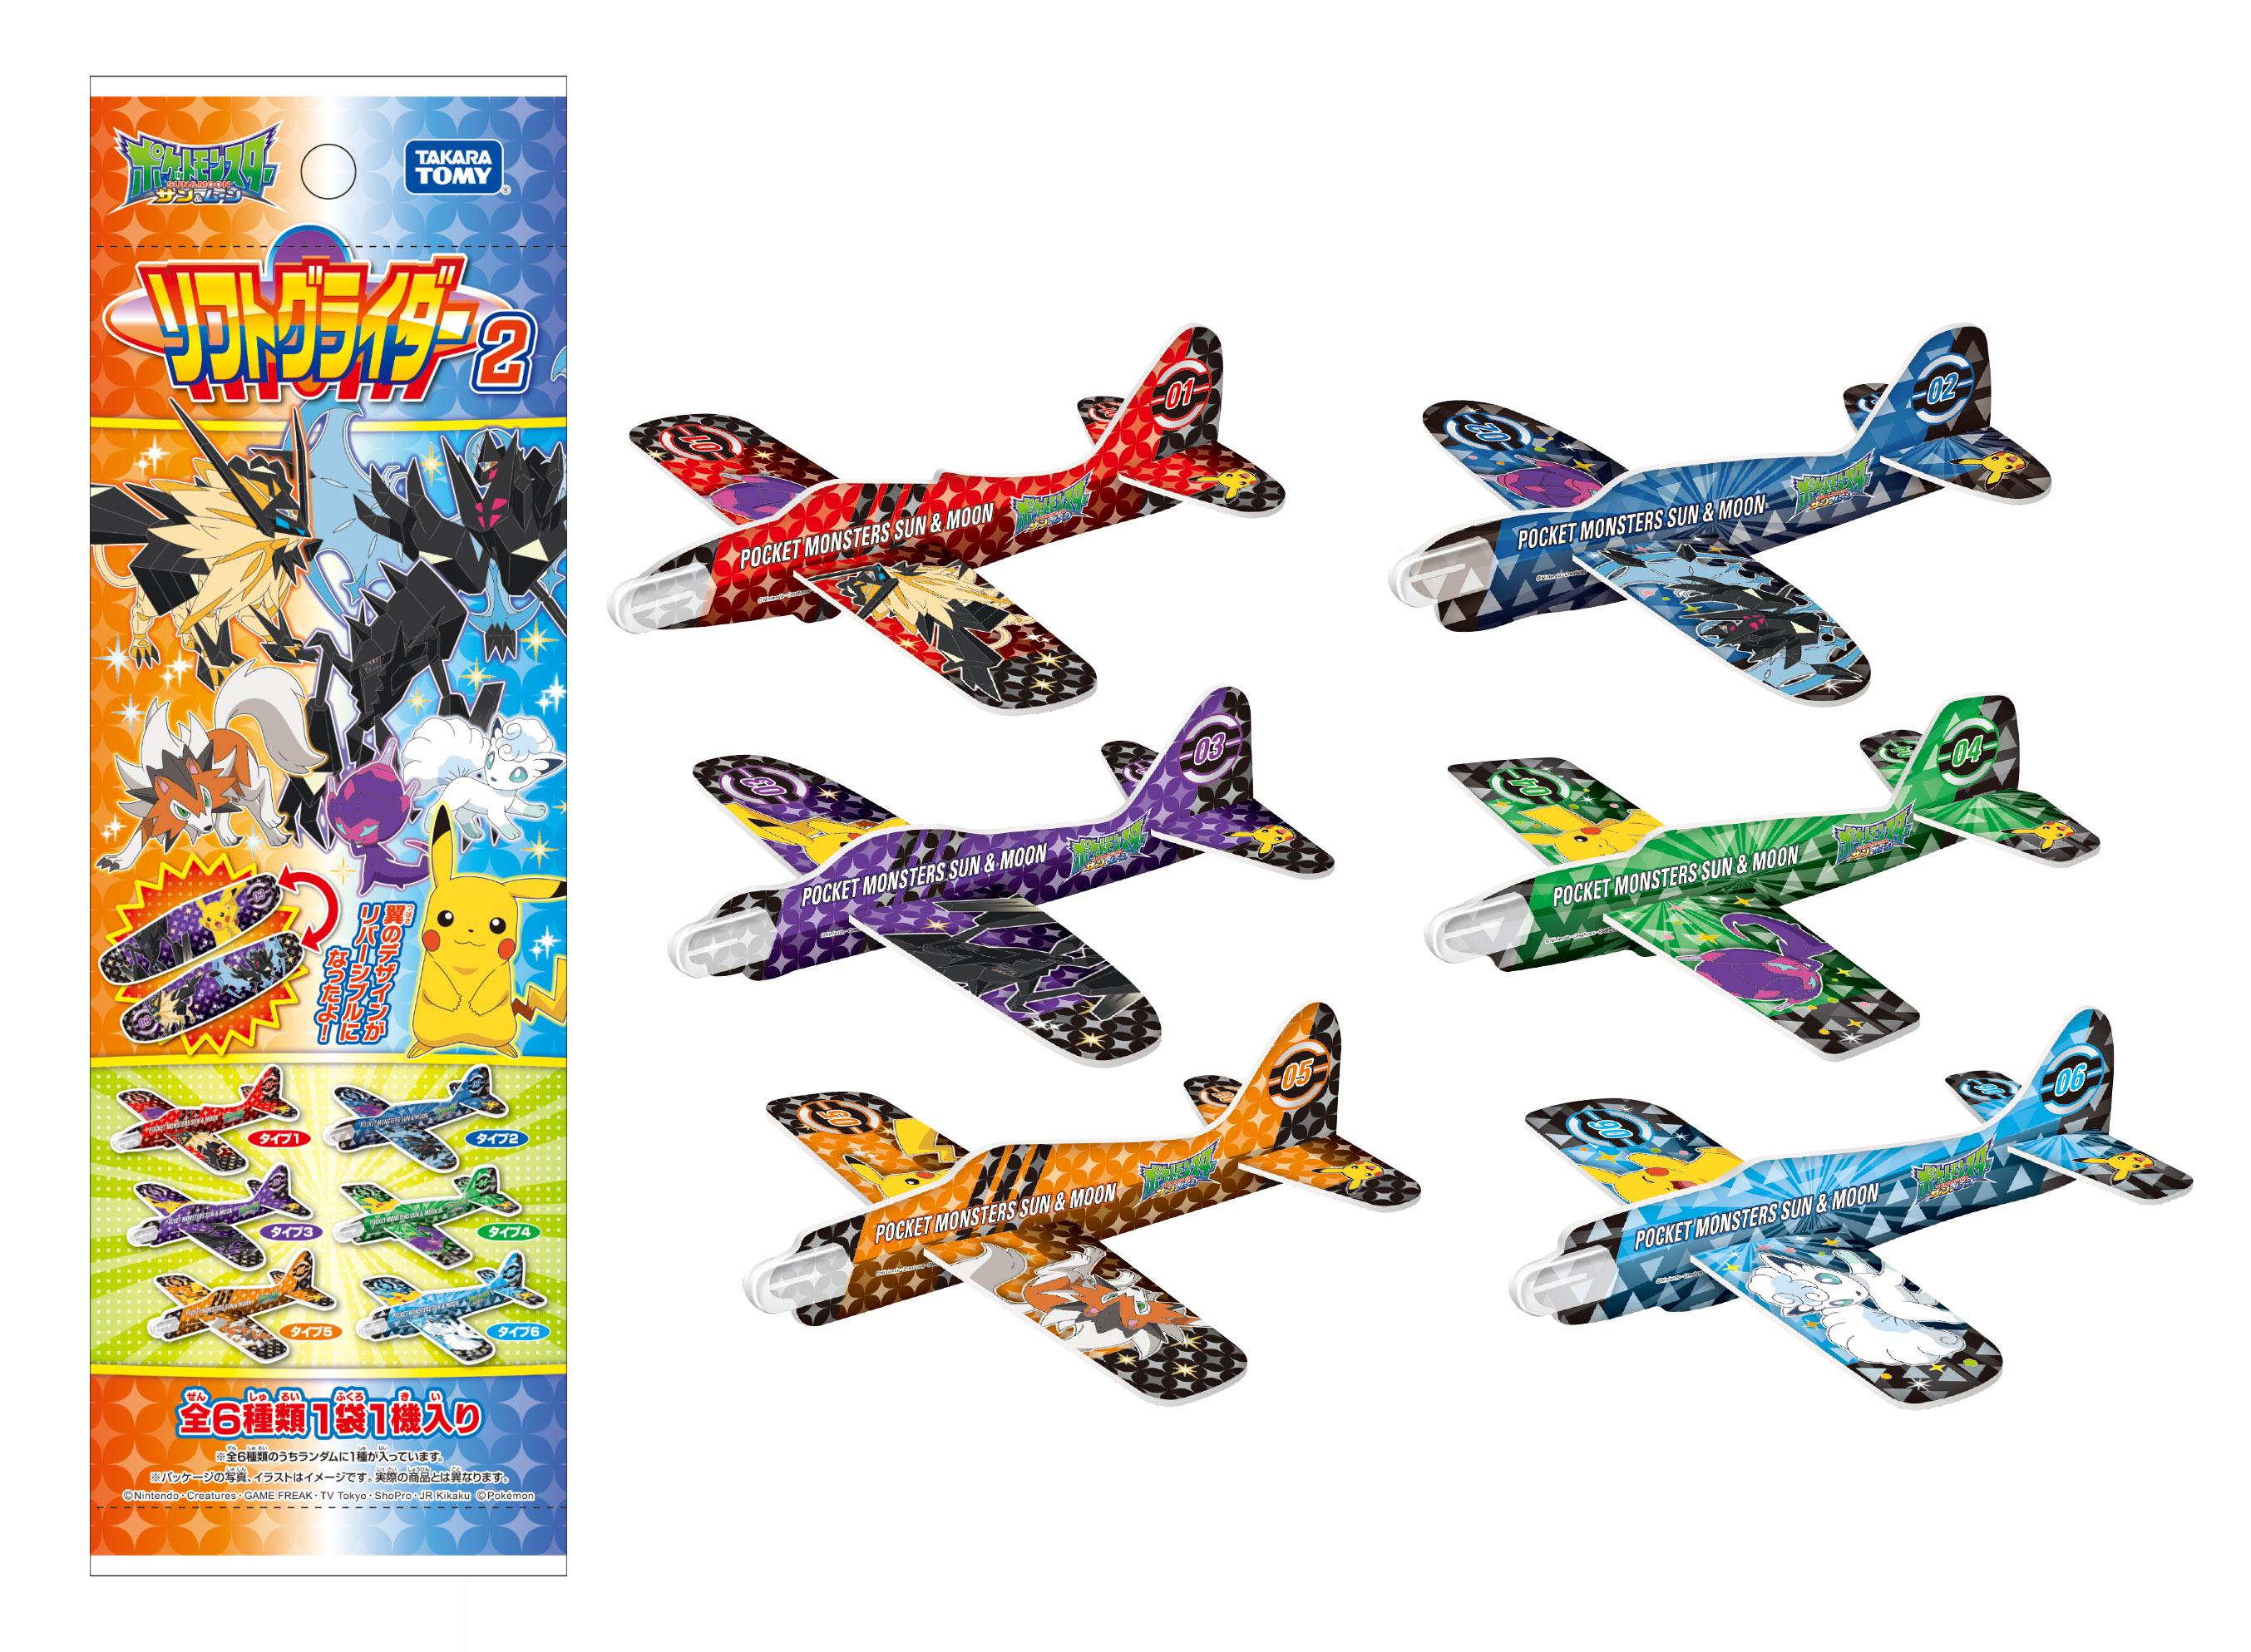 ポケモンソフトグライダー2(12機入り)